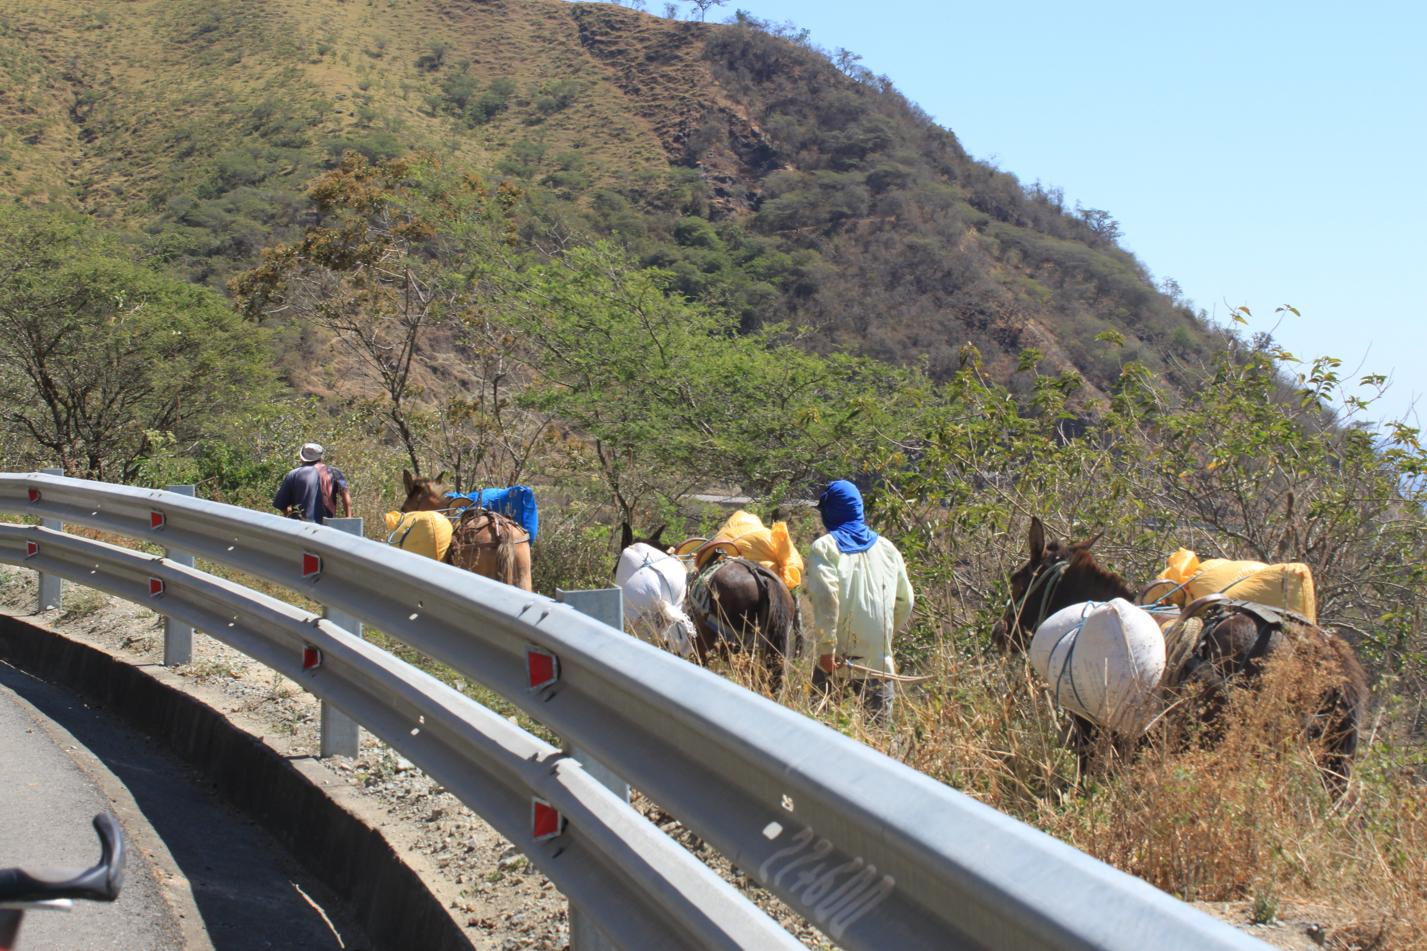 Hier werden gerade Anbauprodukte aus dem Tal zur Straße gebracht.